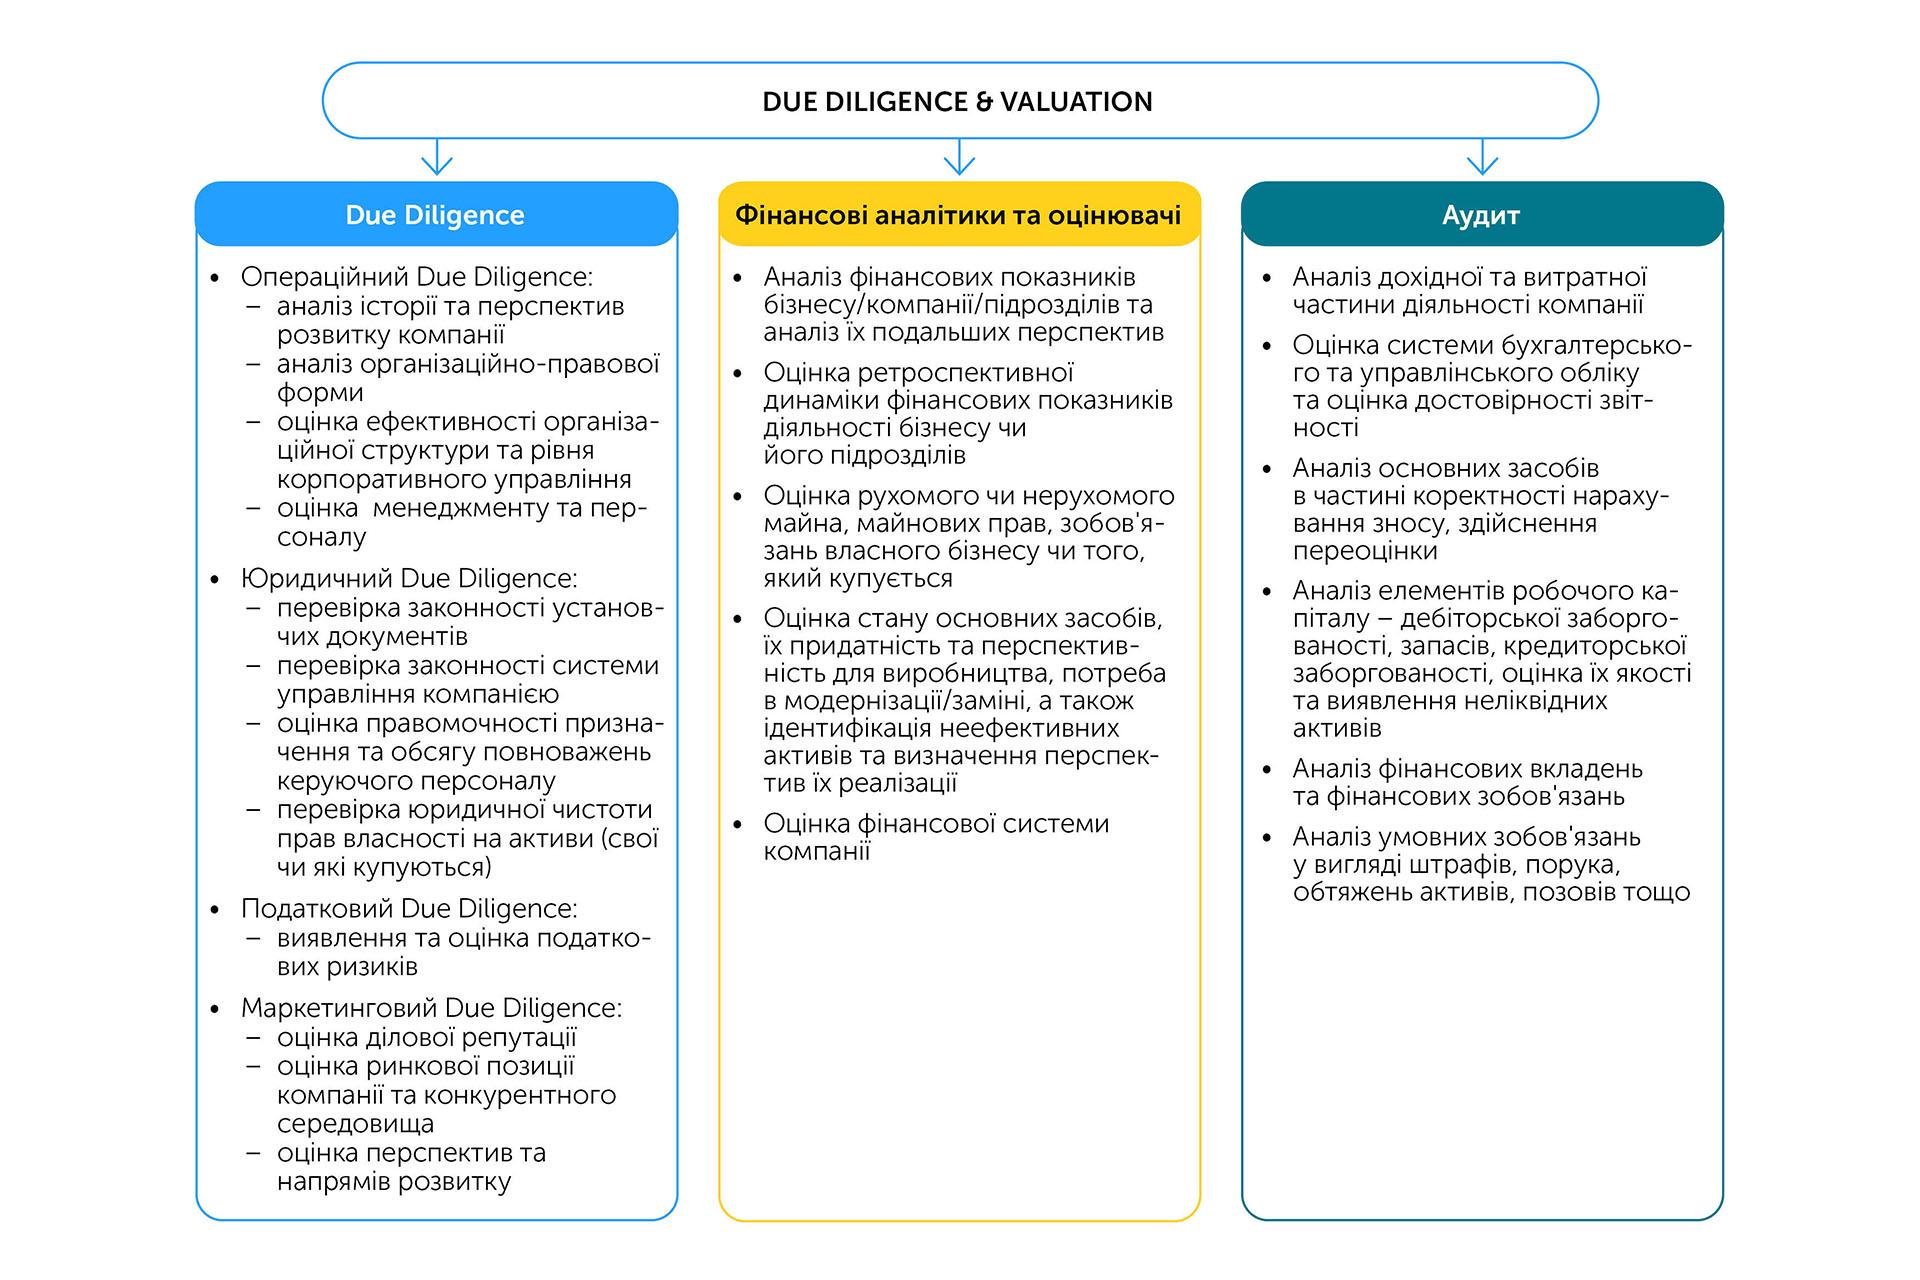 Бізнес: підготовка до зростання | Kyivstar Business Hub зображення №43